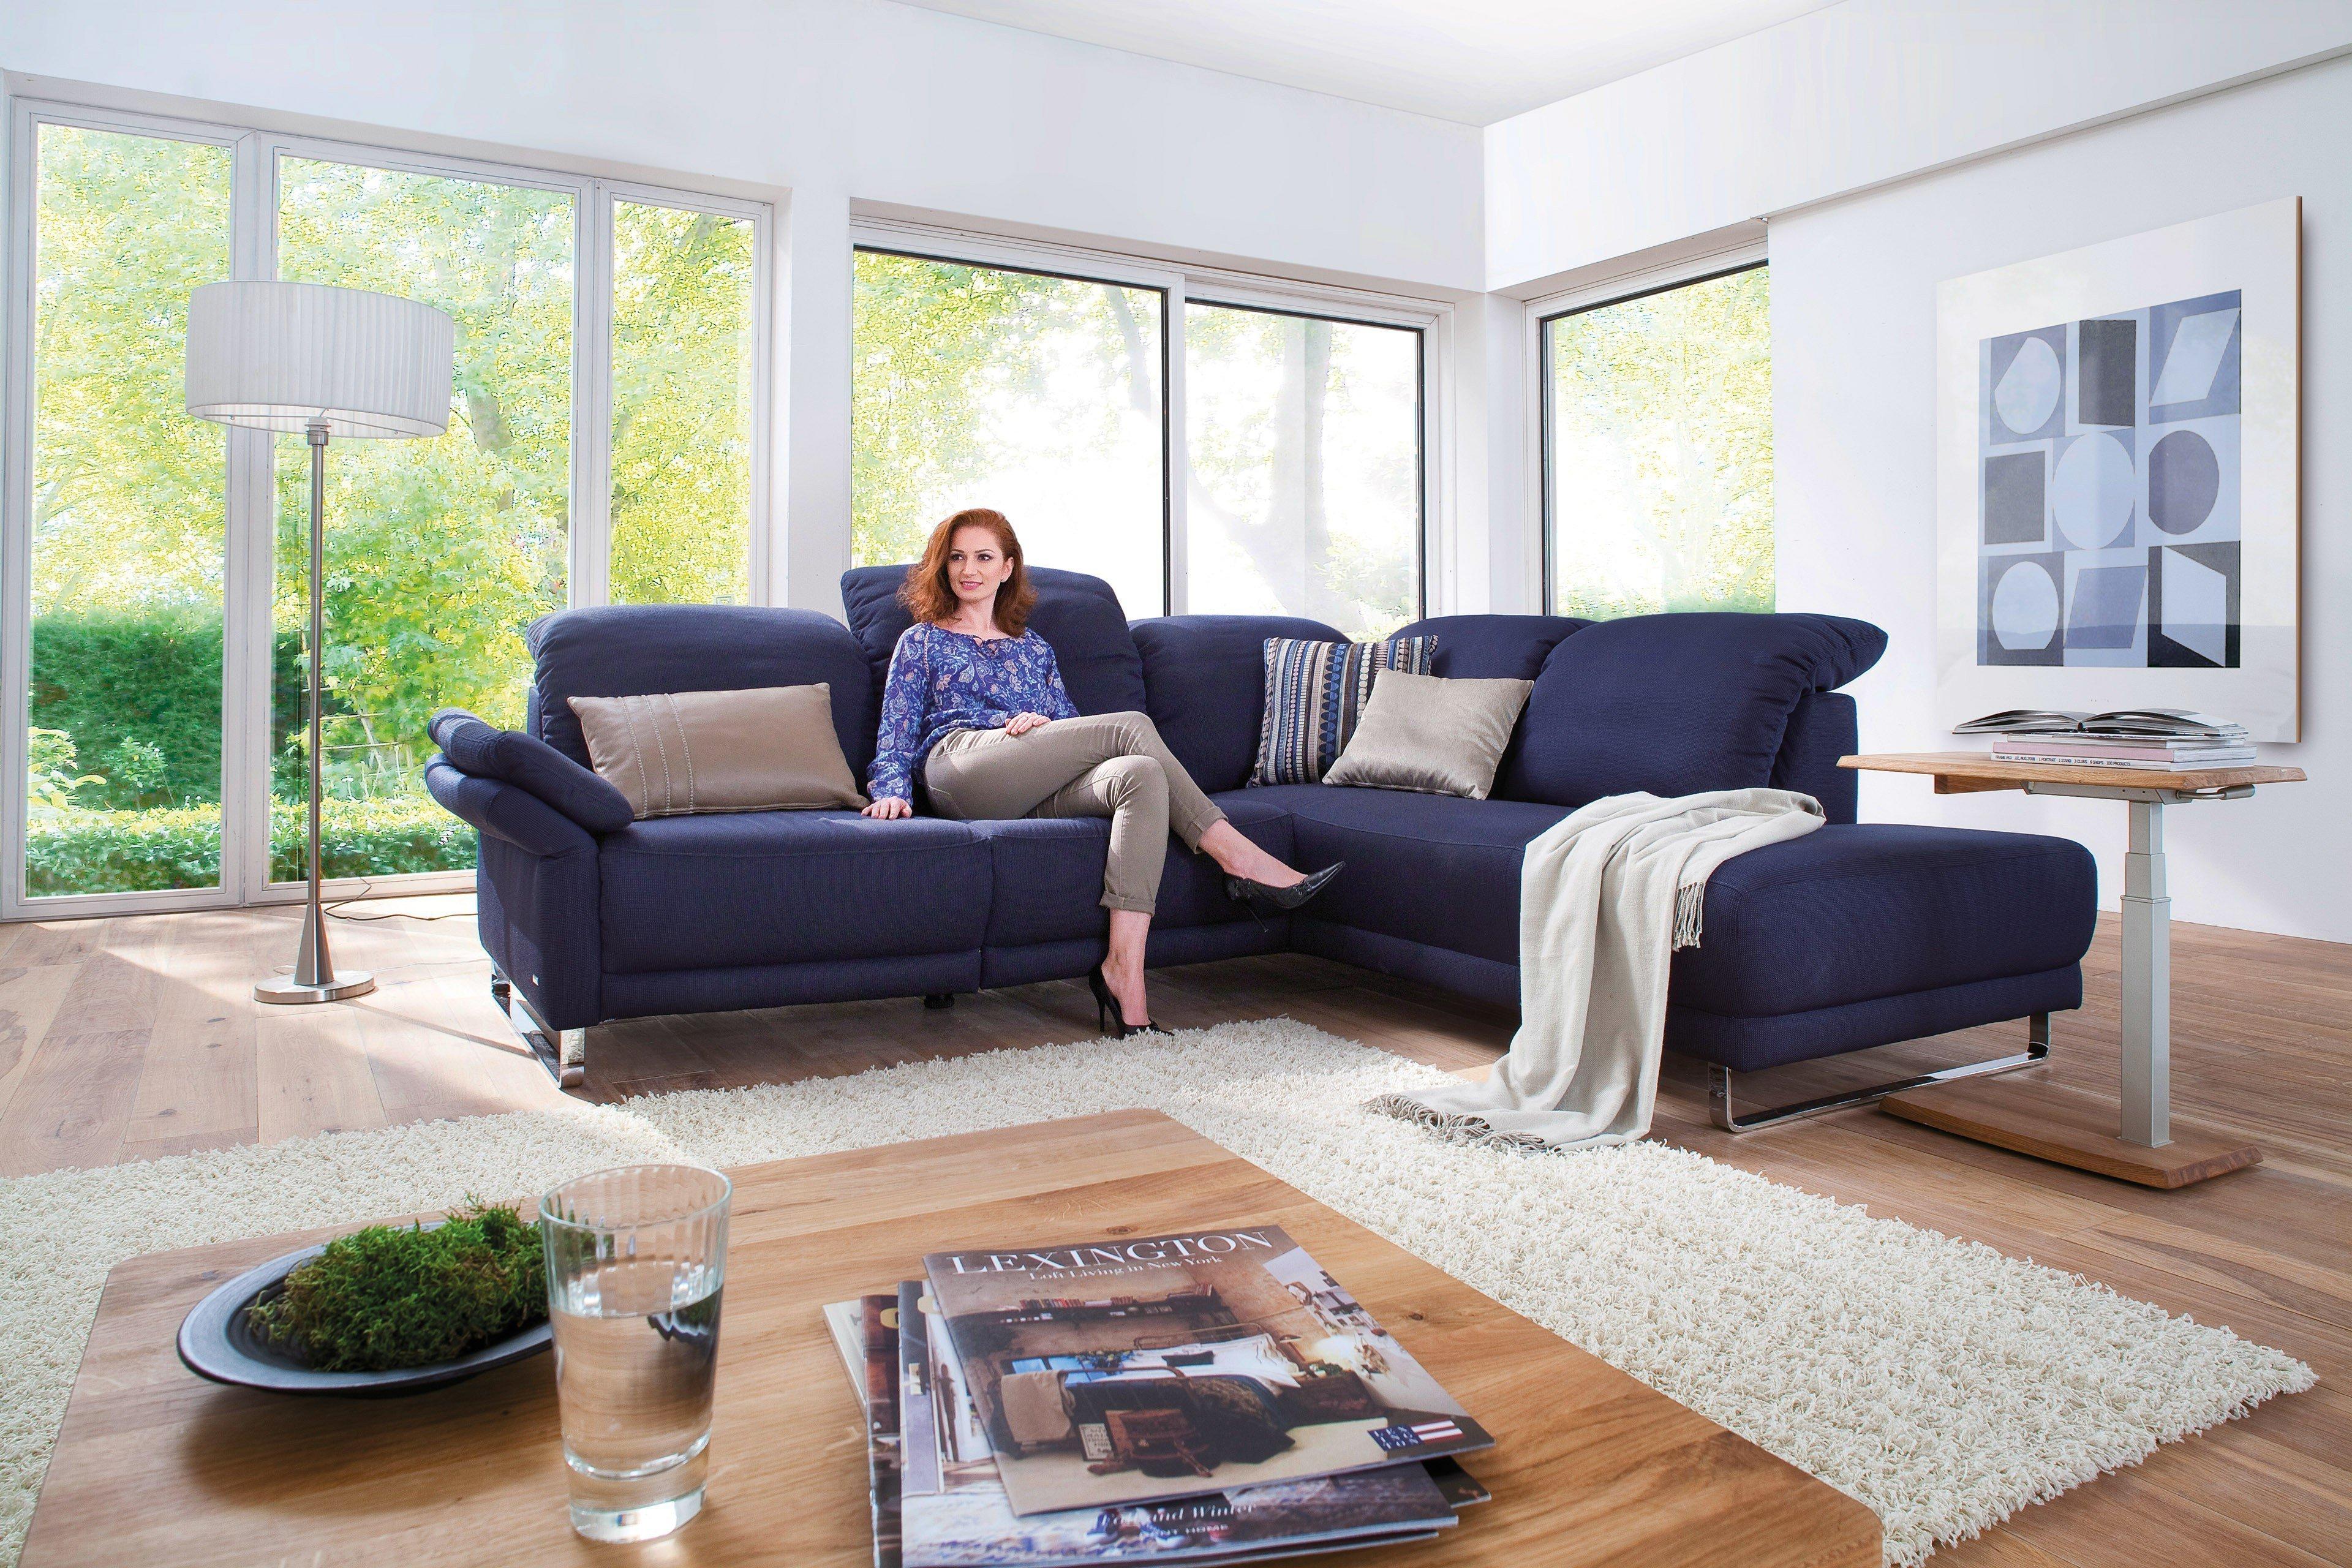 Casada 39113 Corner Ecksofa in Blau   Möbel Letz - Ihr Online-Shop